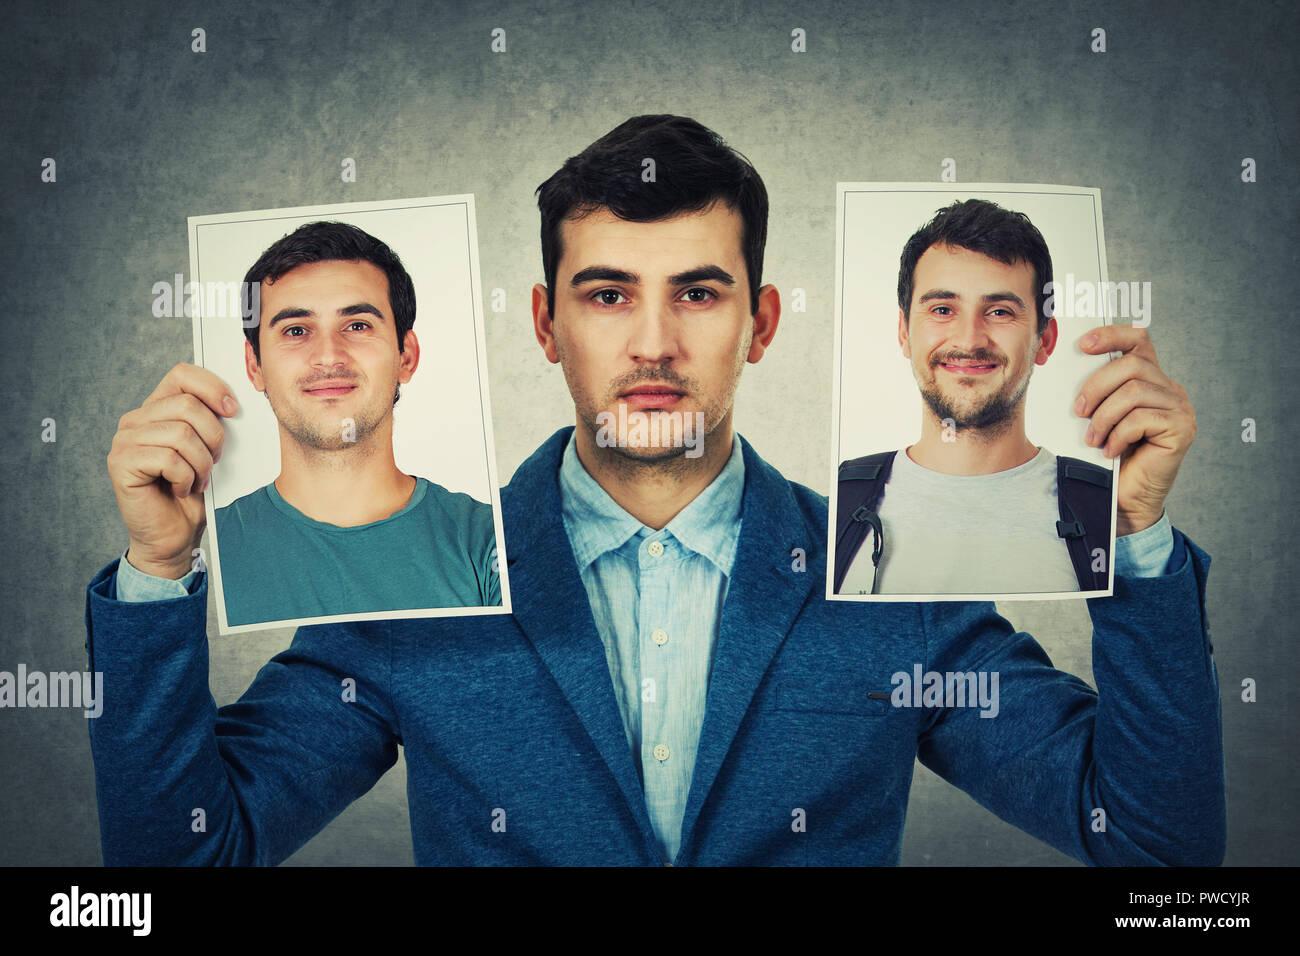 Giovane Azienda due foto ritratto fogli con carattere diverso. Cambiare la vostra personalità, fake maschera per nascondere la vera espressione di se stessi. Immagini Stock